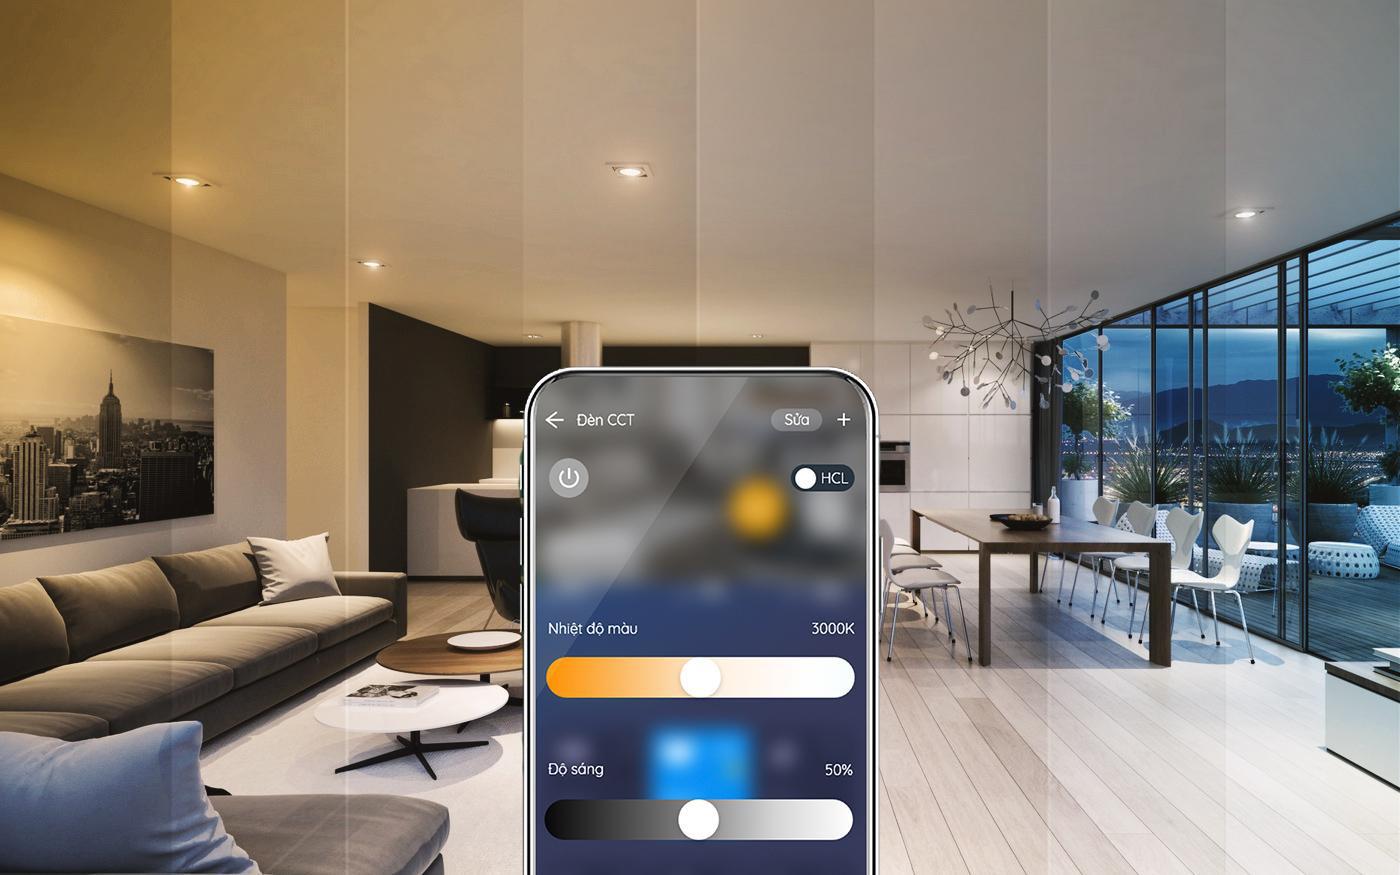 So sánh đèn thông minh sóng Zigbee, Wifi, Bluetooth mesh: mạng không dây nào mang lại trải nghiệm tốt hơn? - Ảnh 3.